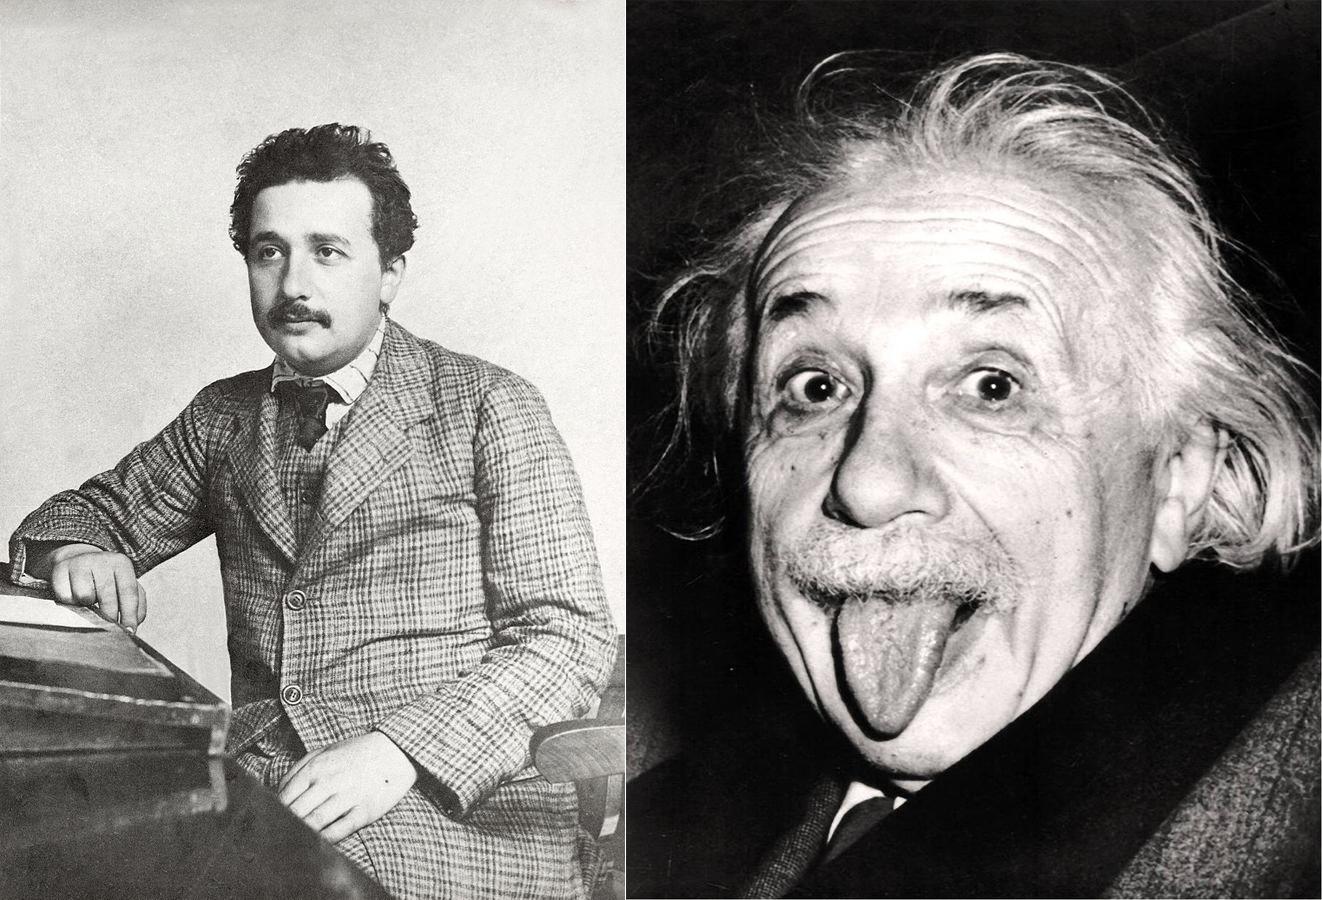 выбирают крупные фото на фоне эйнштейна обо всем